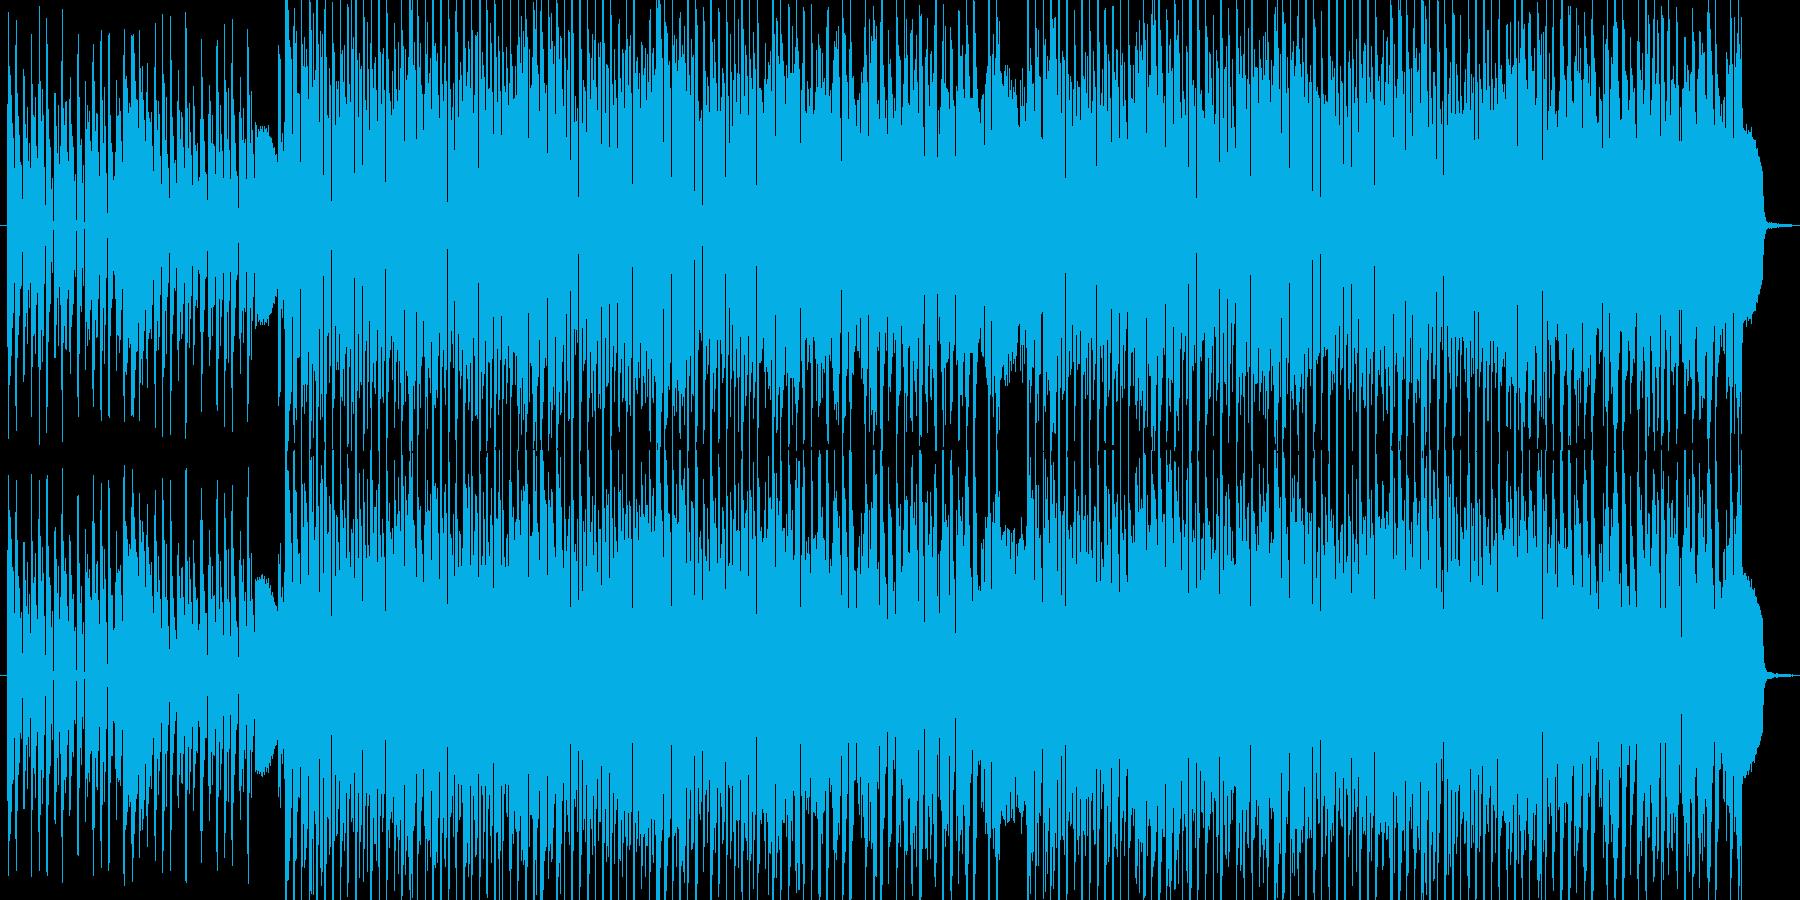 エッジ少なめなダブステップBGMの再生済みの波形